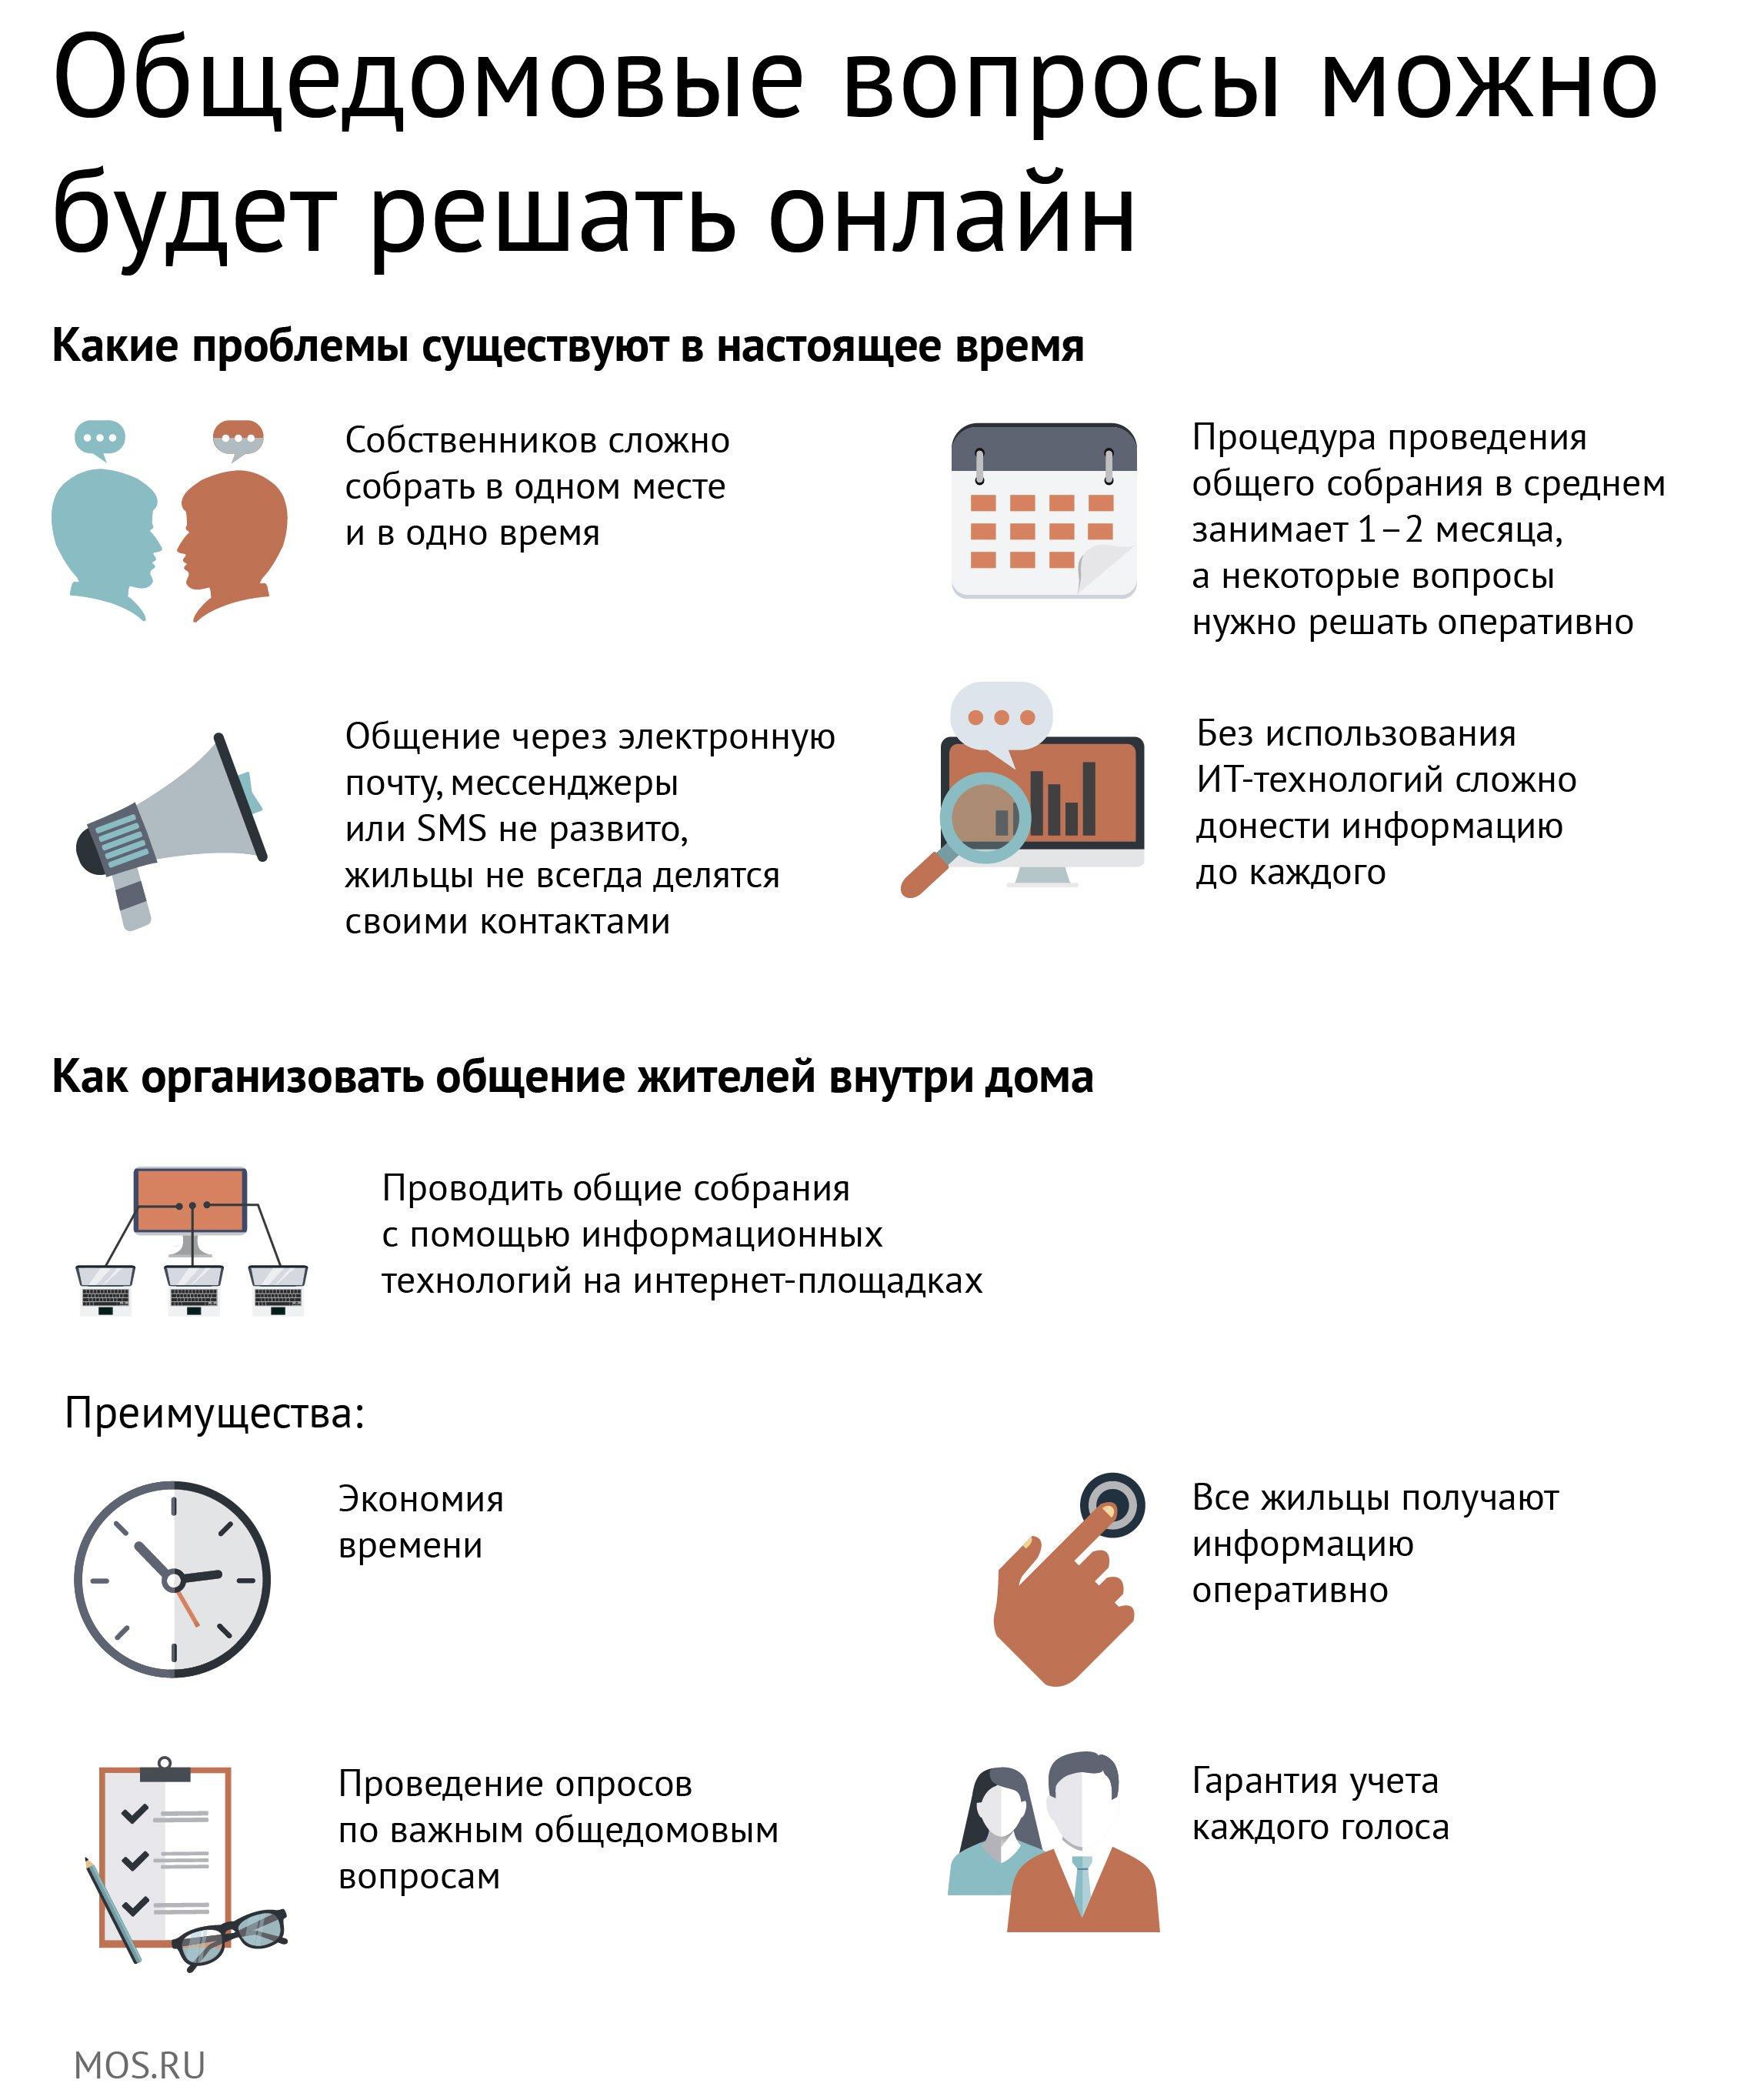 Артем Ермолаев: Умные технологии помогут сэкономить время и сделать жизнь удобной